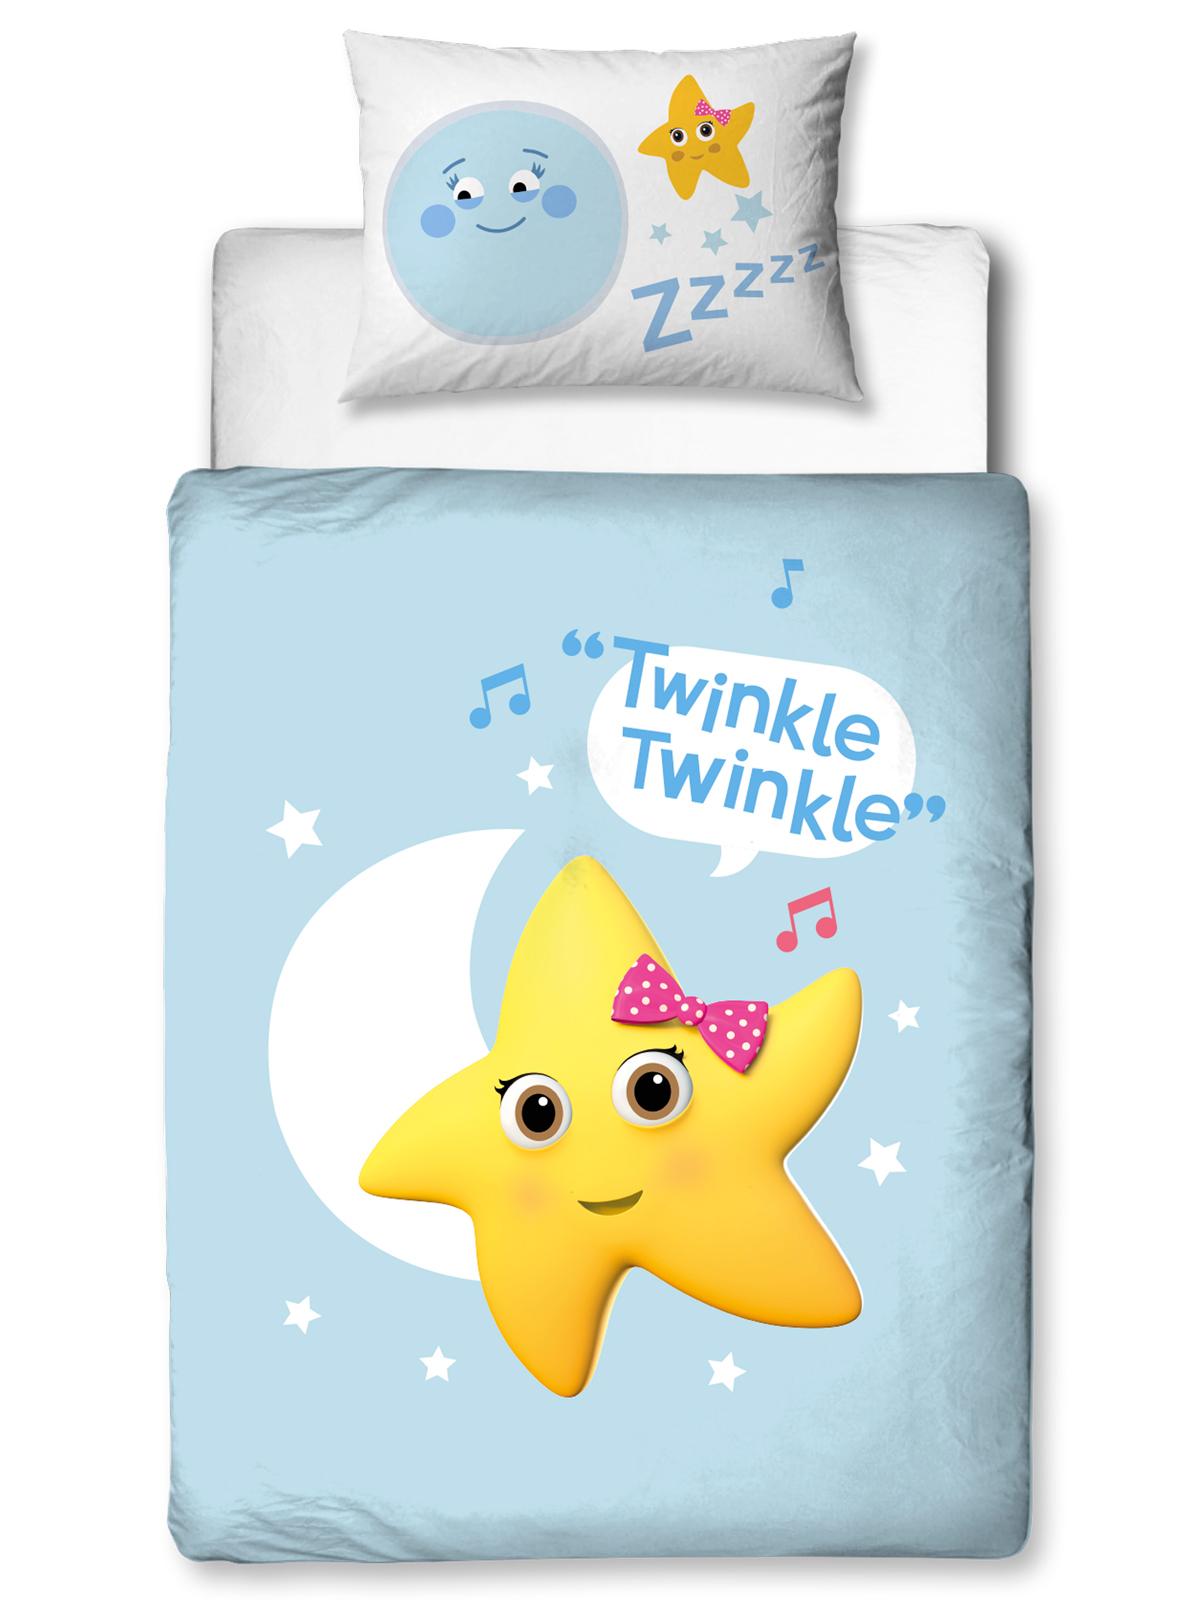 Little Baby Bum Star Junior Toddler Duvet Cover Set